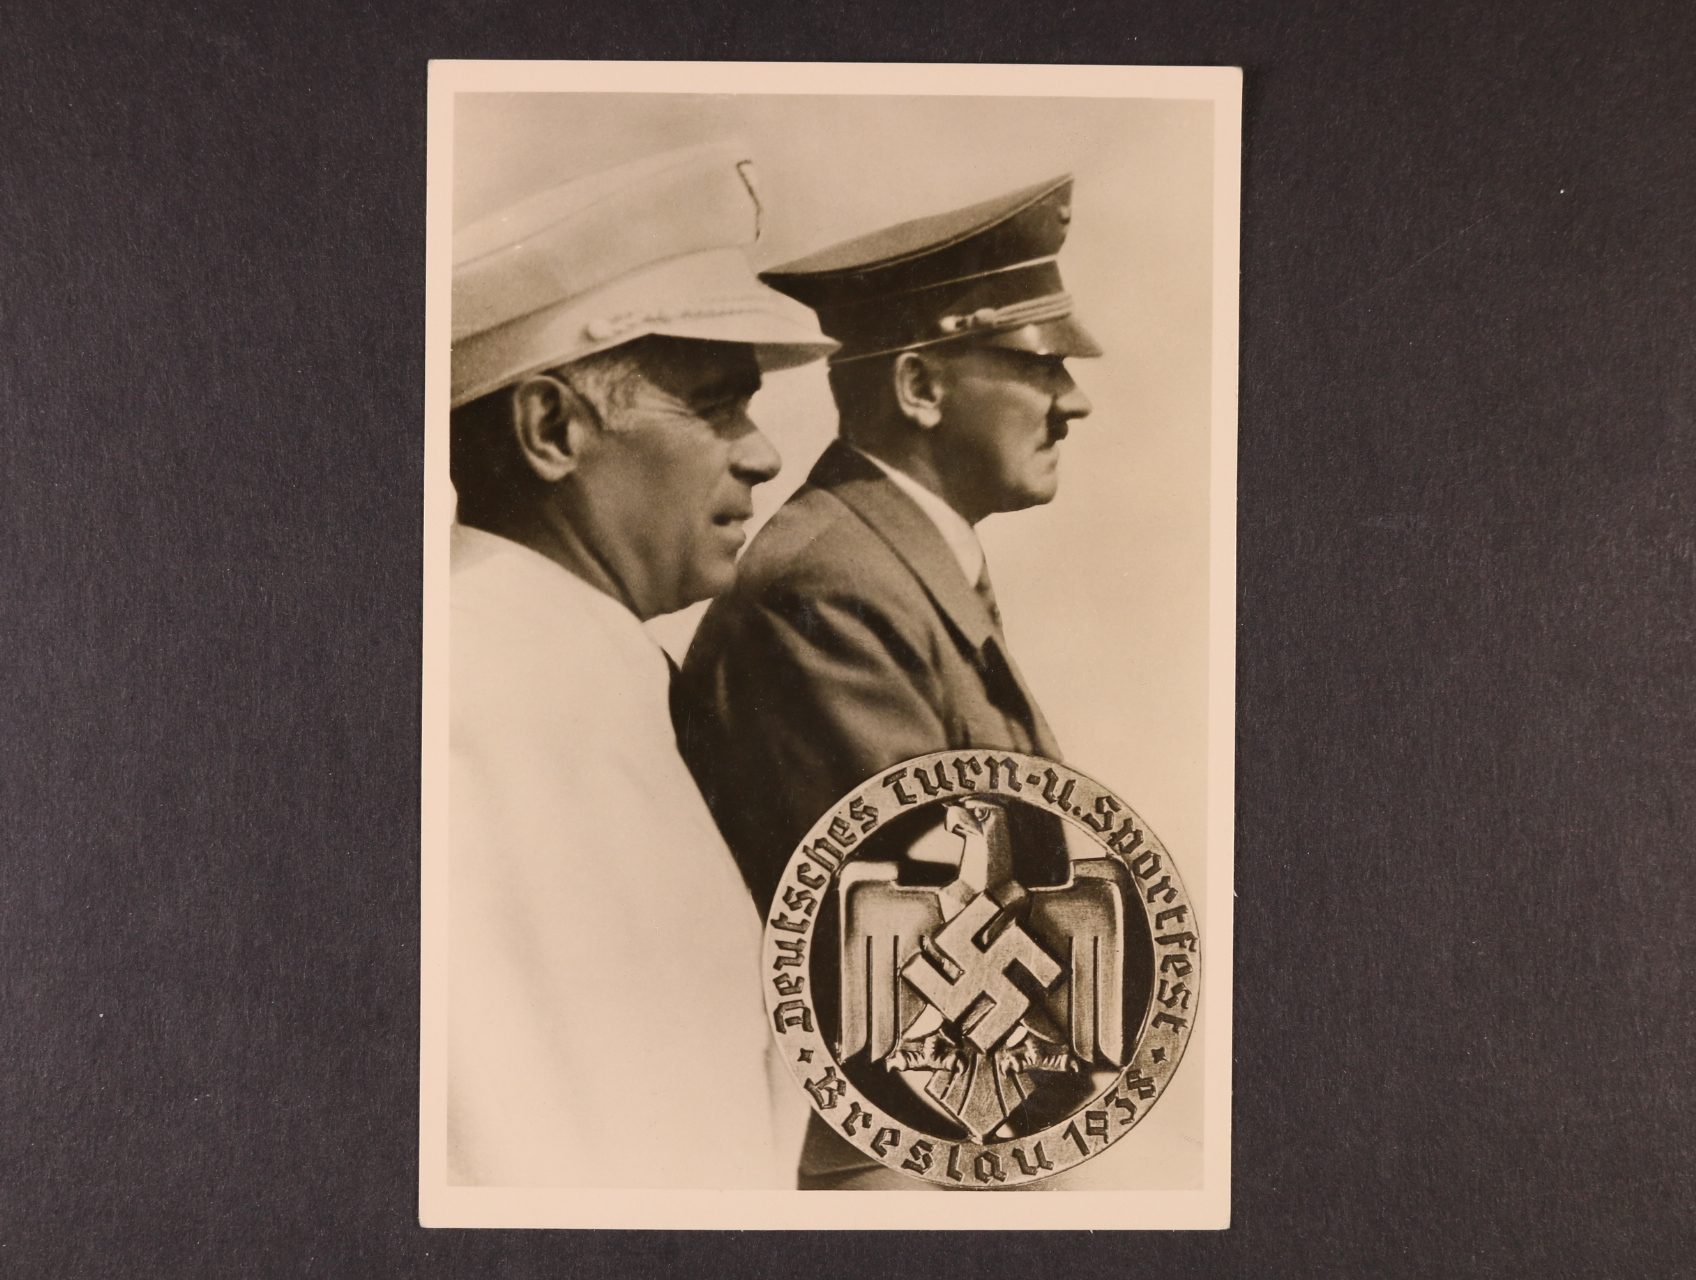 jednobar. fotopohlednice Deutsches Turn - u. Sportfest Breslau 1938, na zadní str. zn. a pam. raz., dobrá kvalita